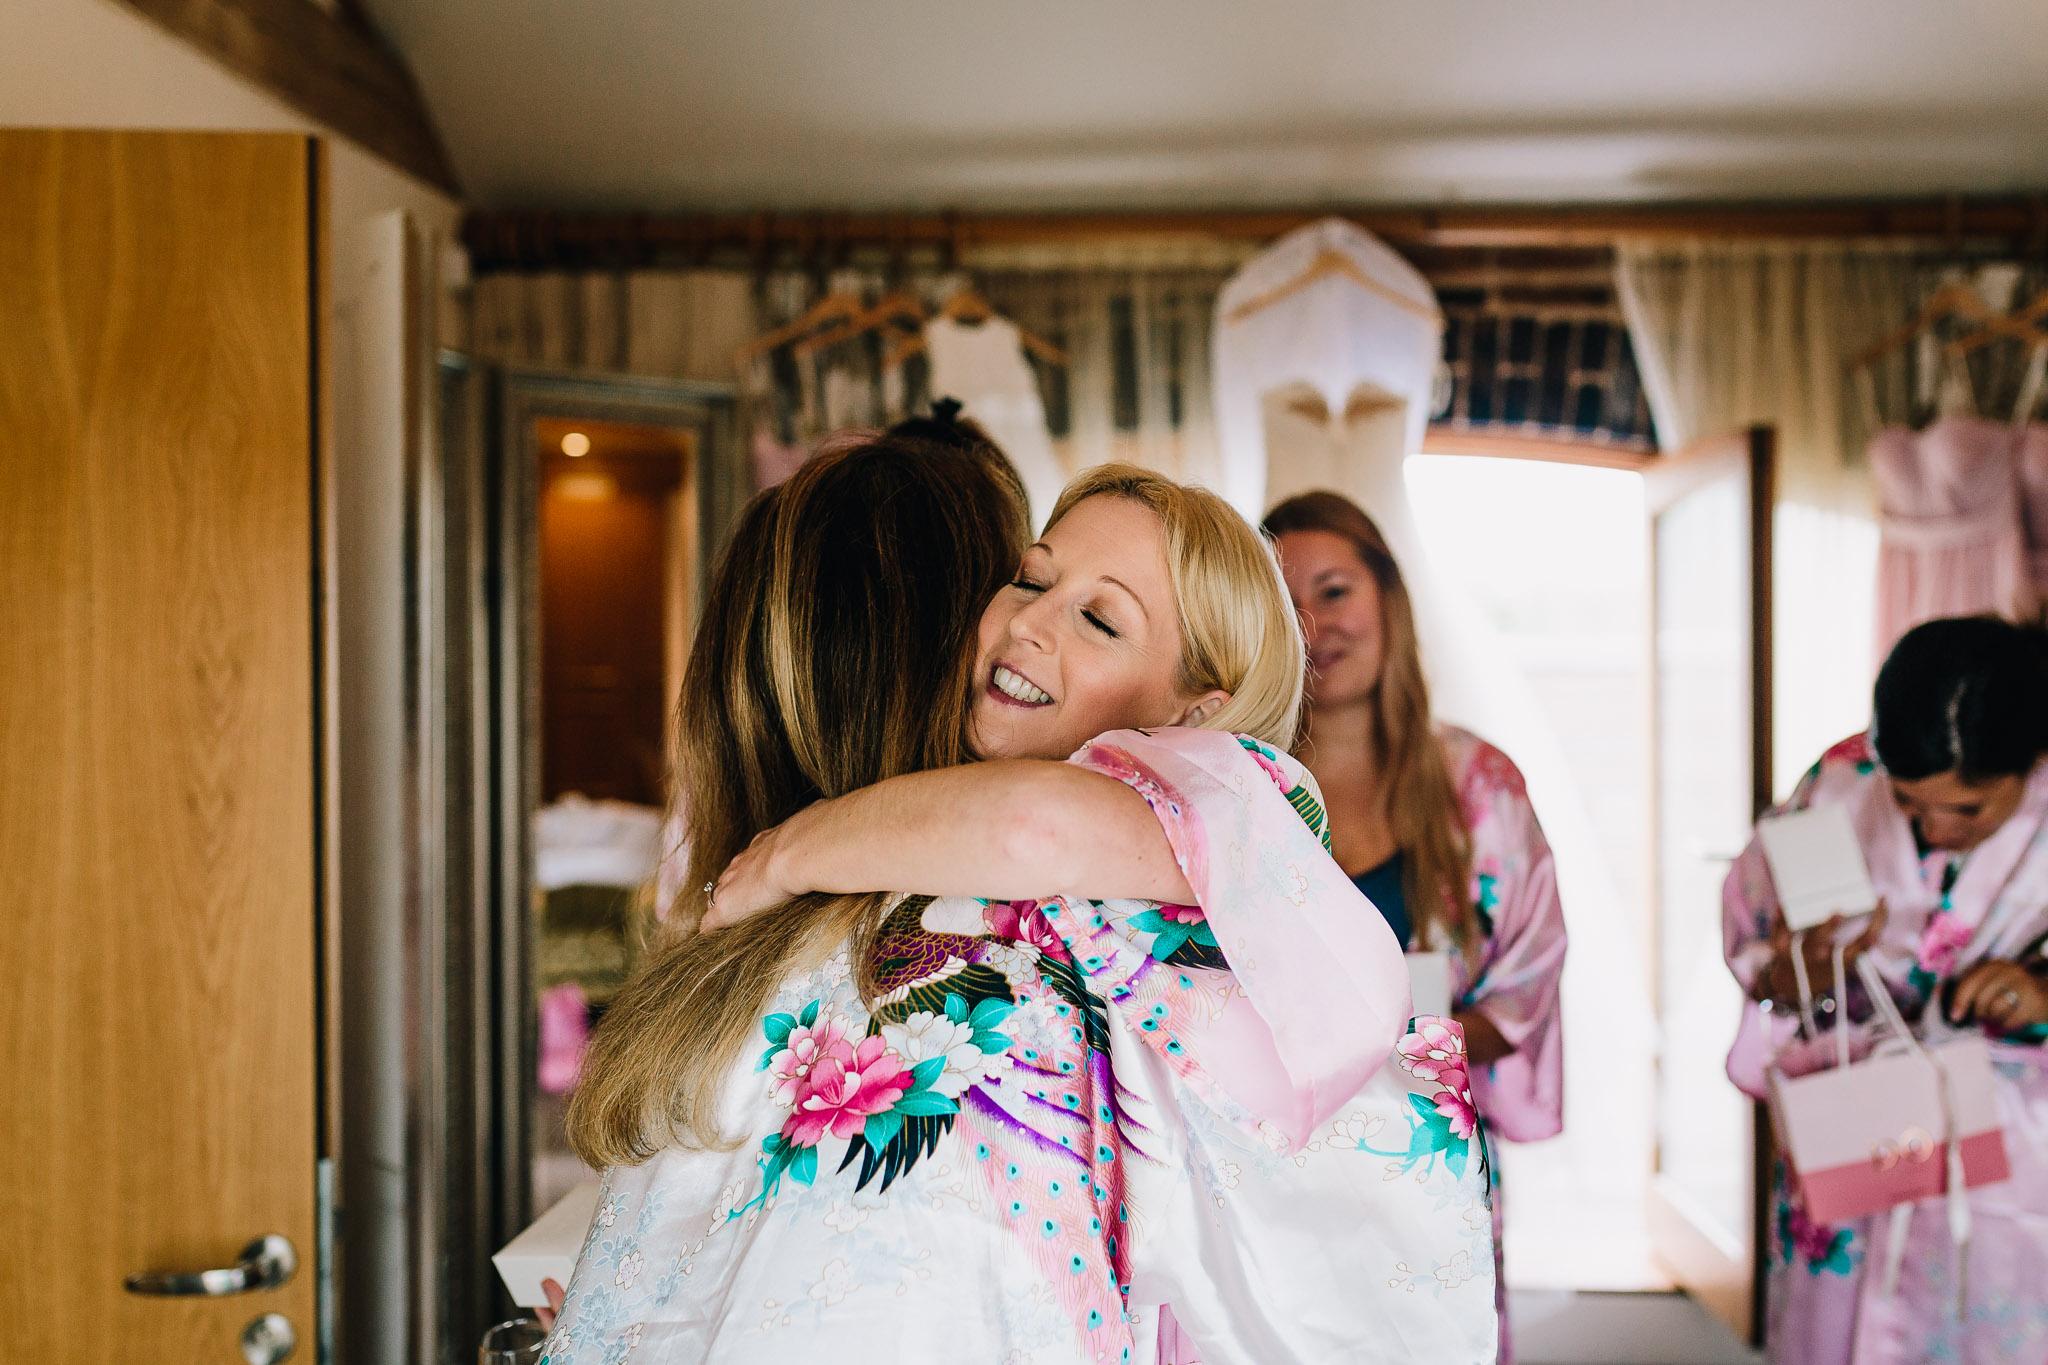 BRIDESMAIDS HUGGING BRIDE ON WEDDING DAY